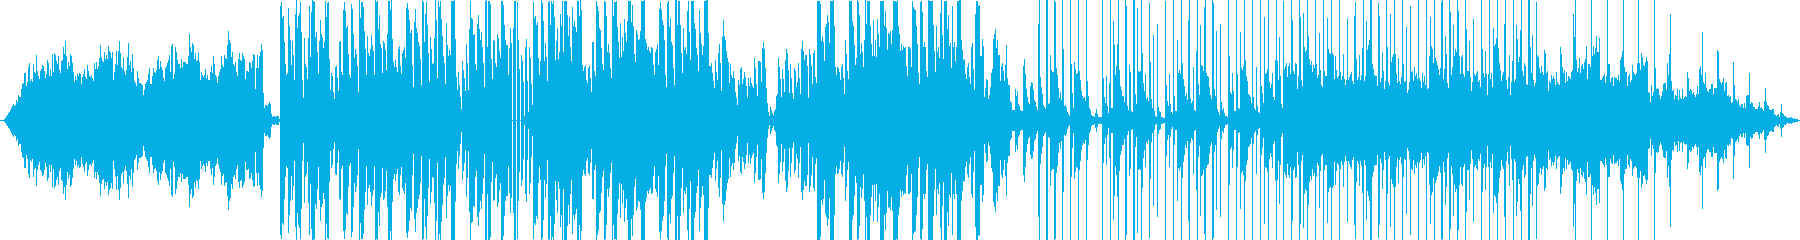 幻想的なシンセサイザーのBGMの再生済みの波形